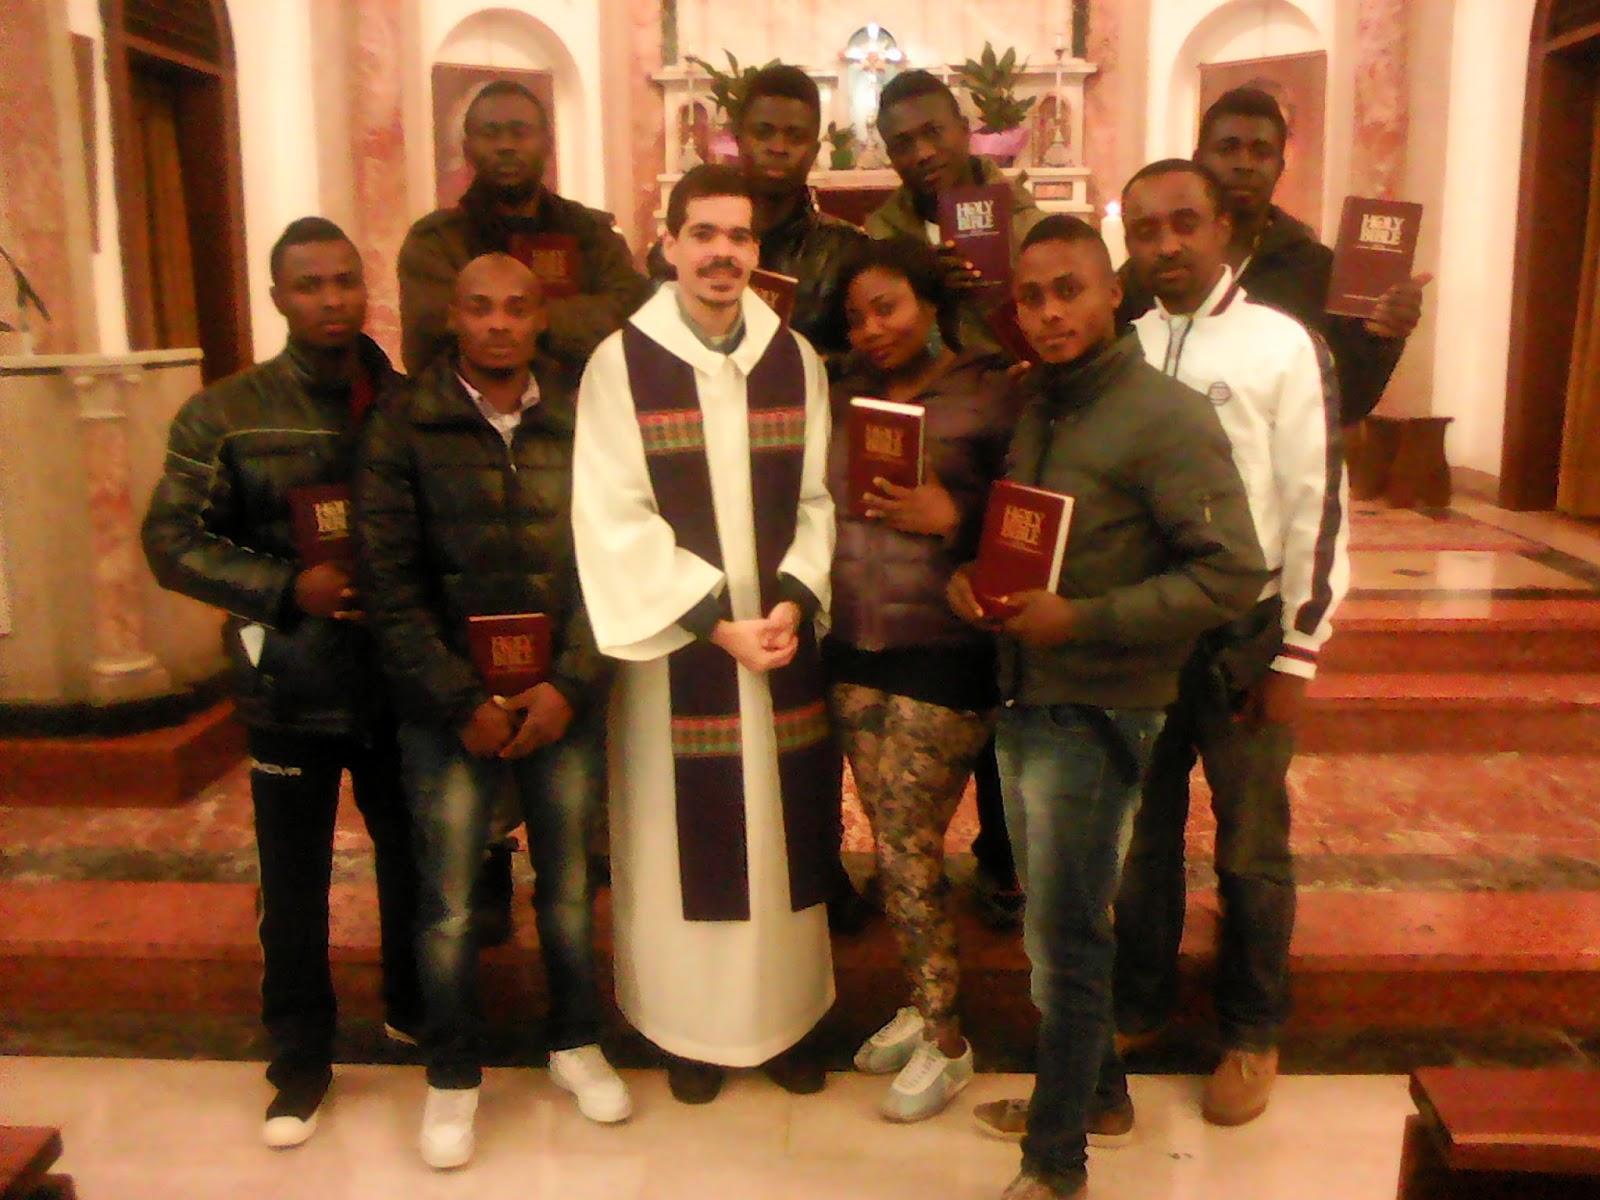 Accompagnamento Spirituale - Consegna della Bibbia ai rifugiati cristiani